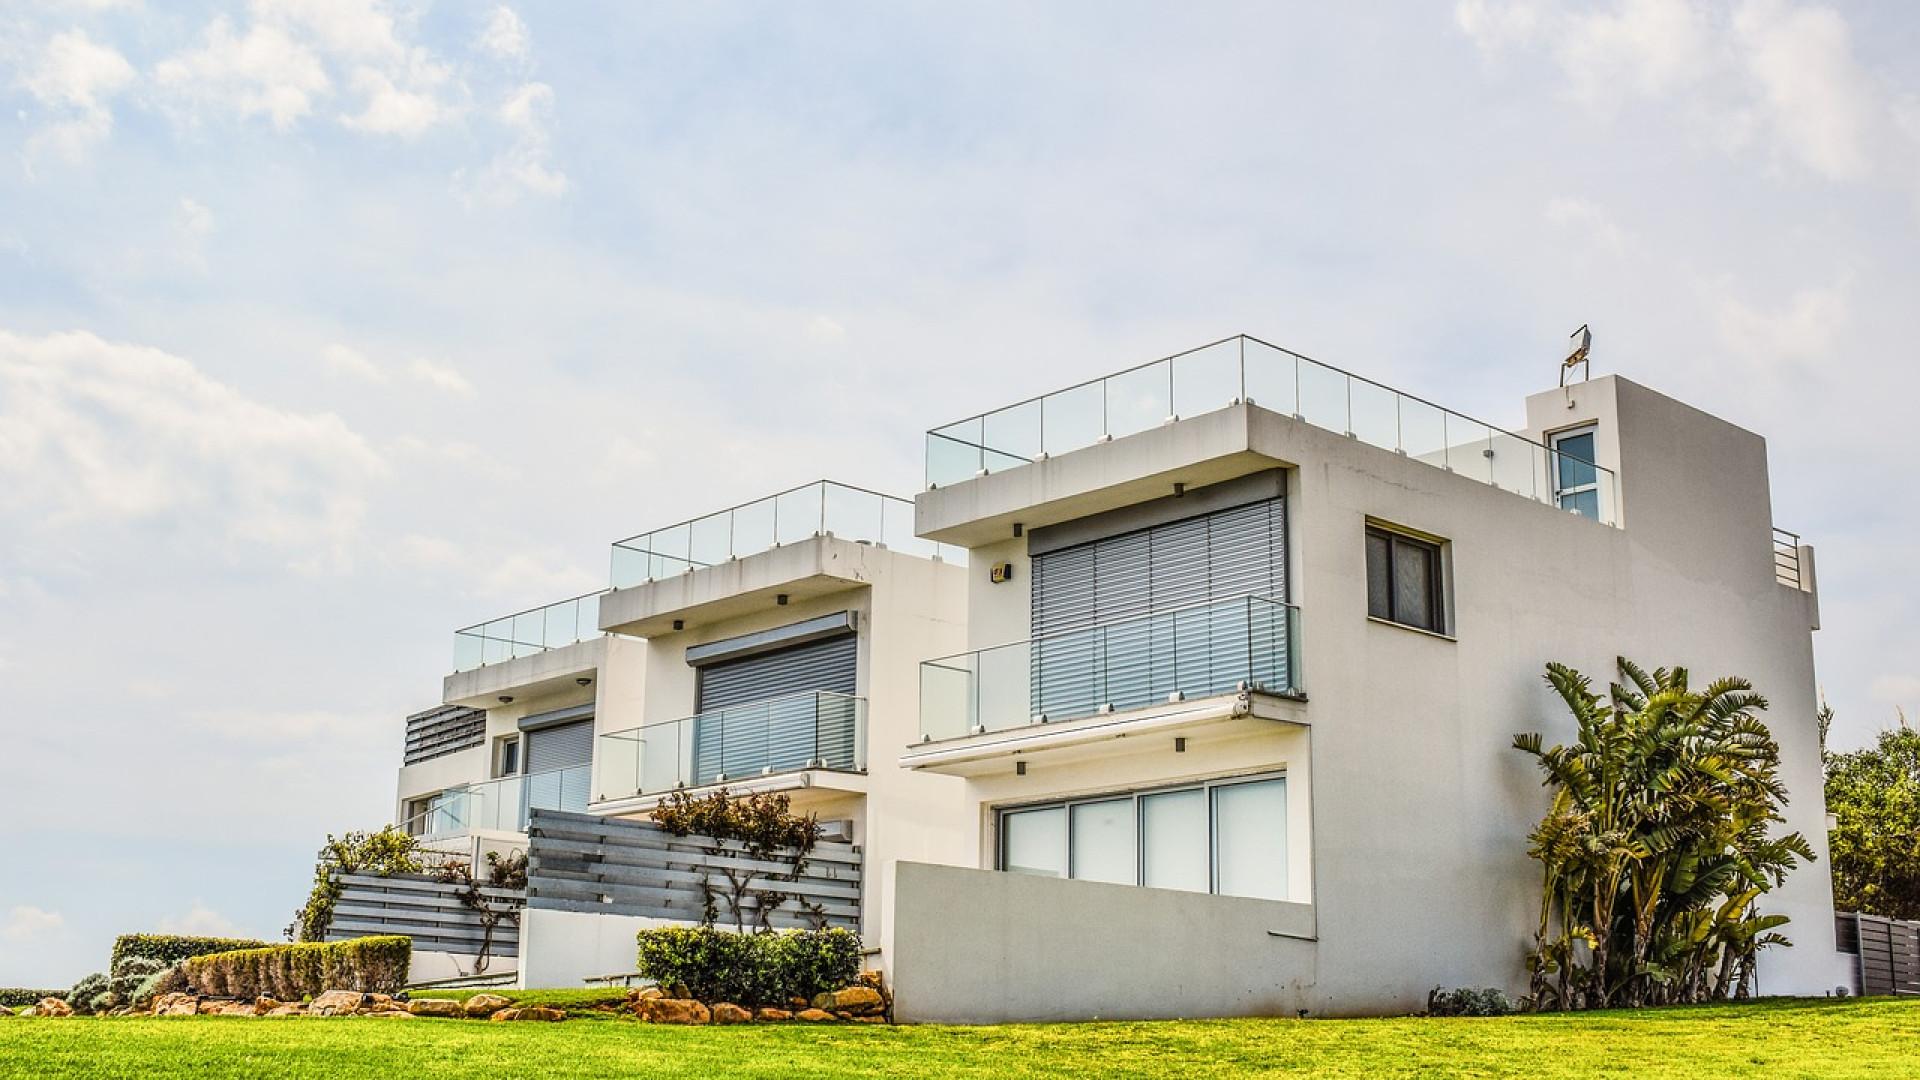 Crm immobilier : quels avantages ?